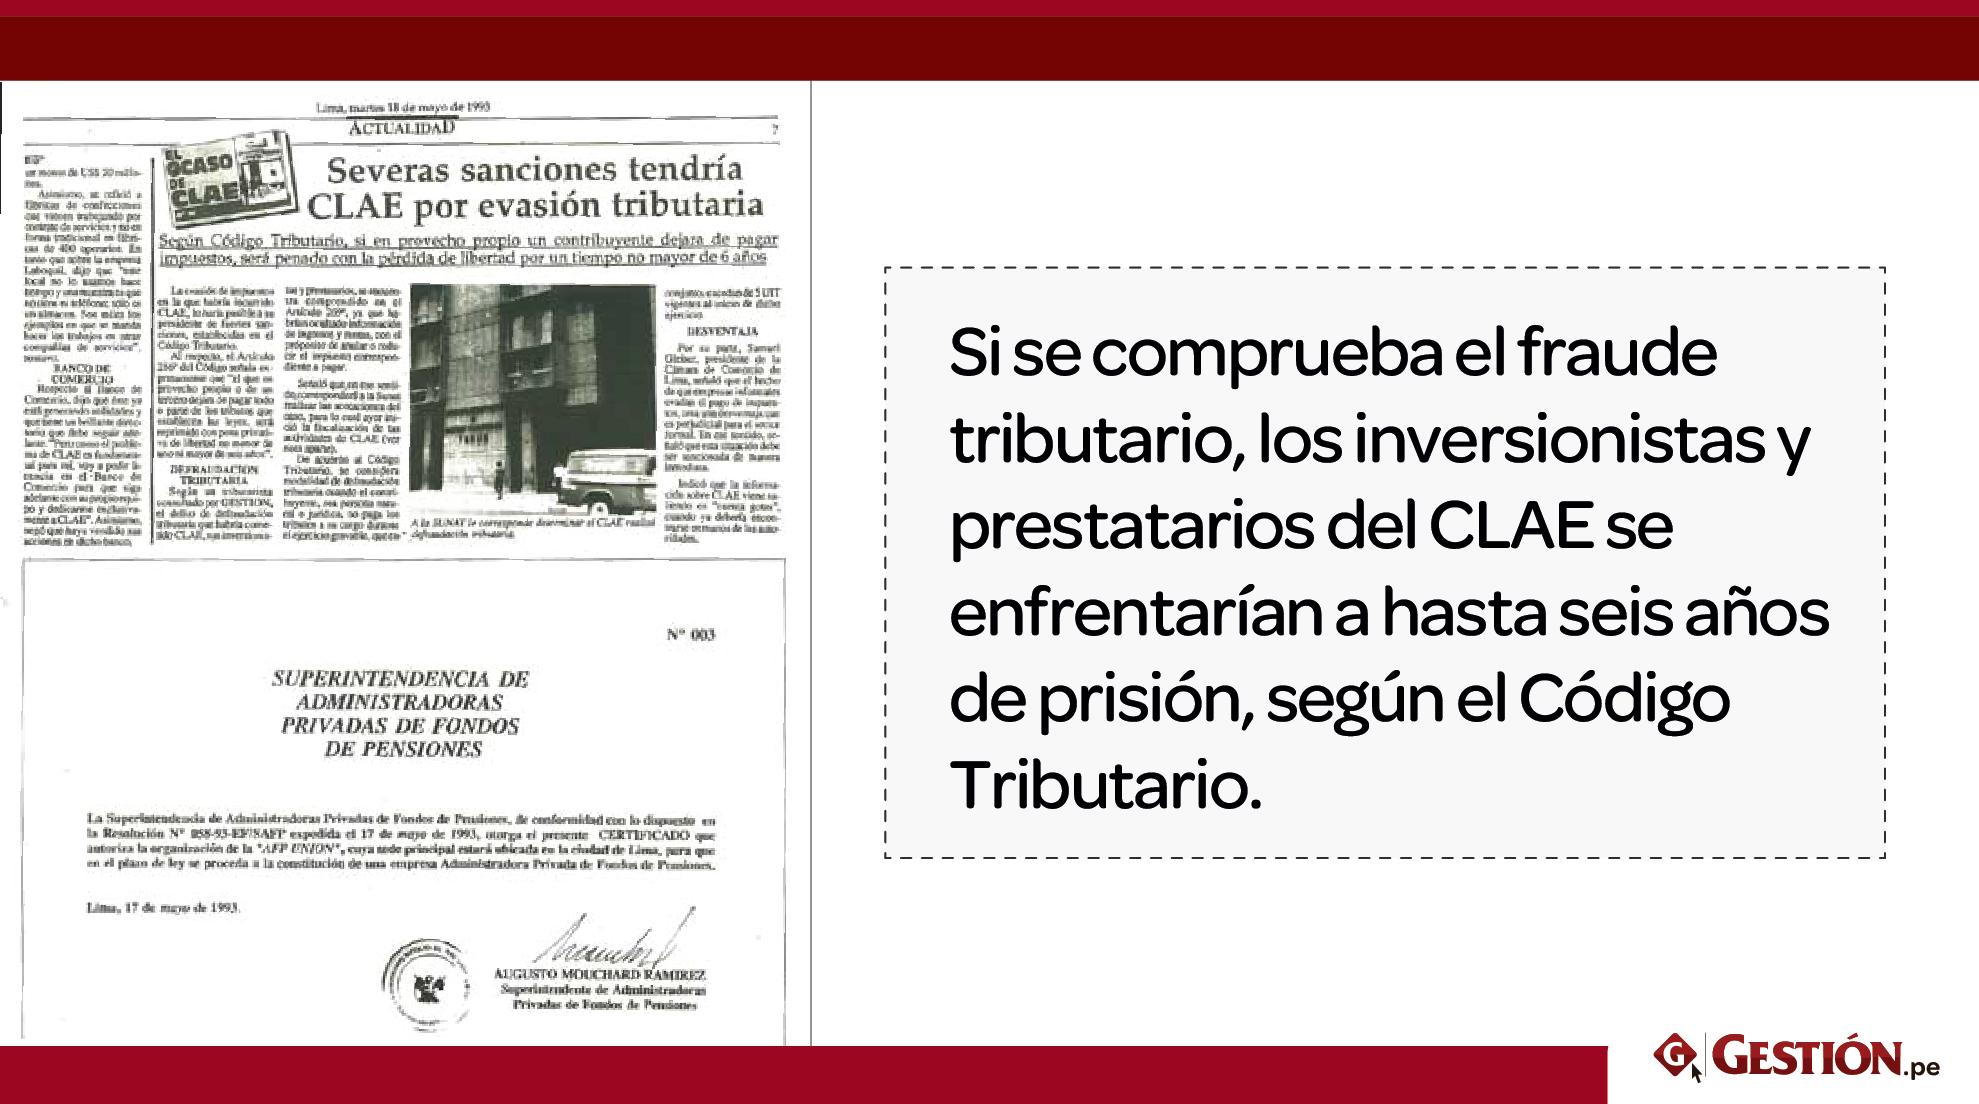 Perú, estafa, CLAE, Década de los 90